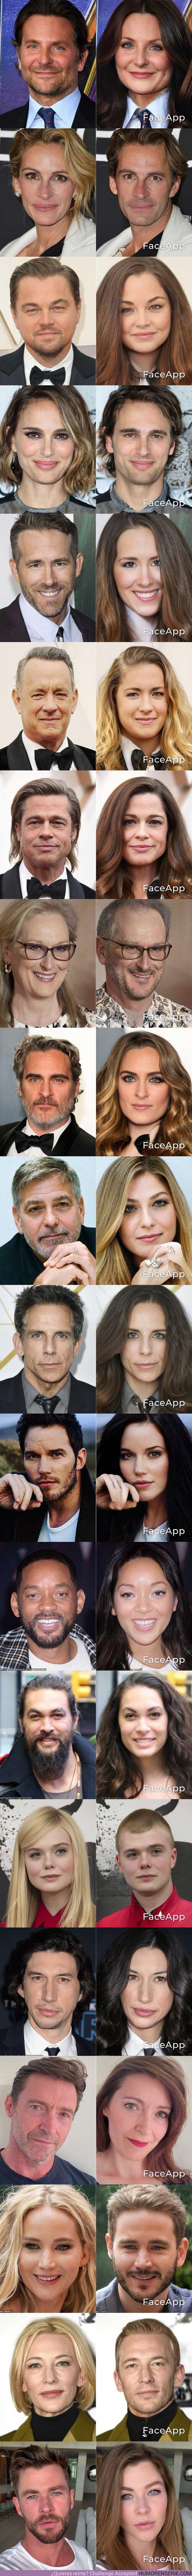 54724 - GALERÍA: Así se verían 20 actores y actrices míticos de Hollywood si cambiaran de género